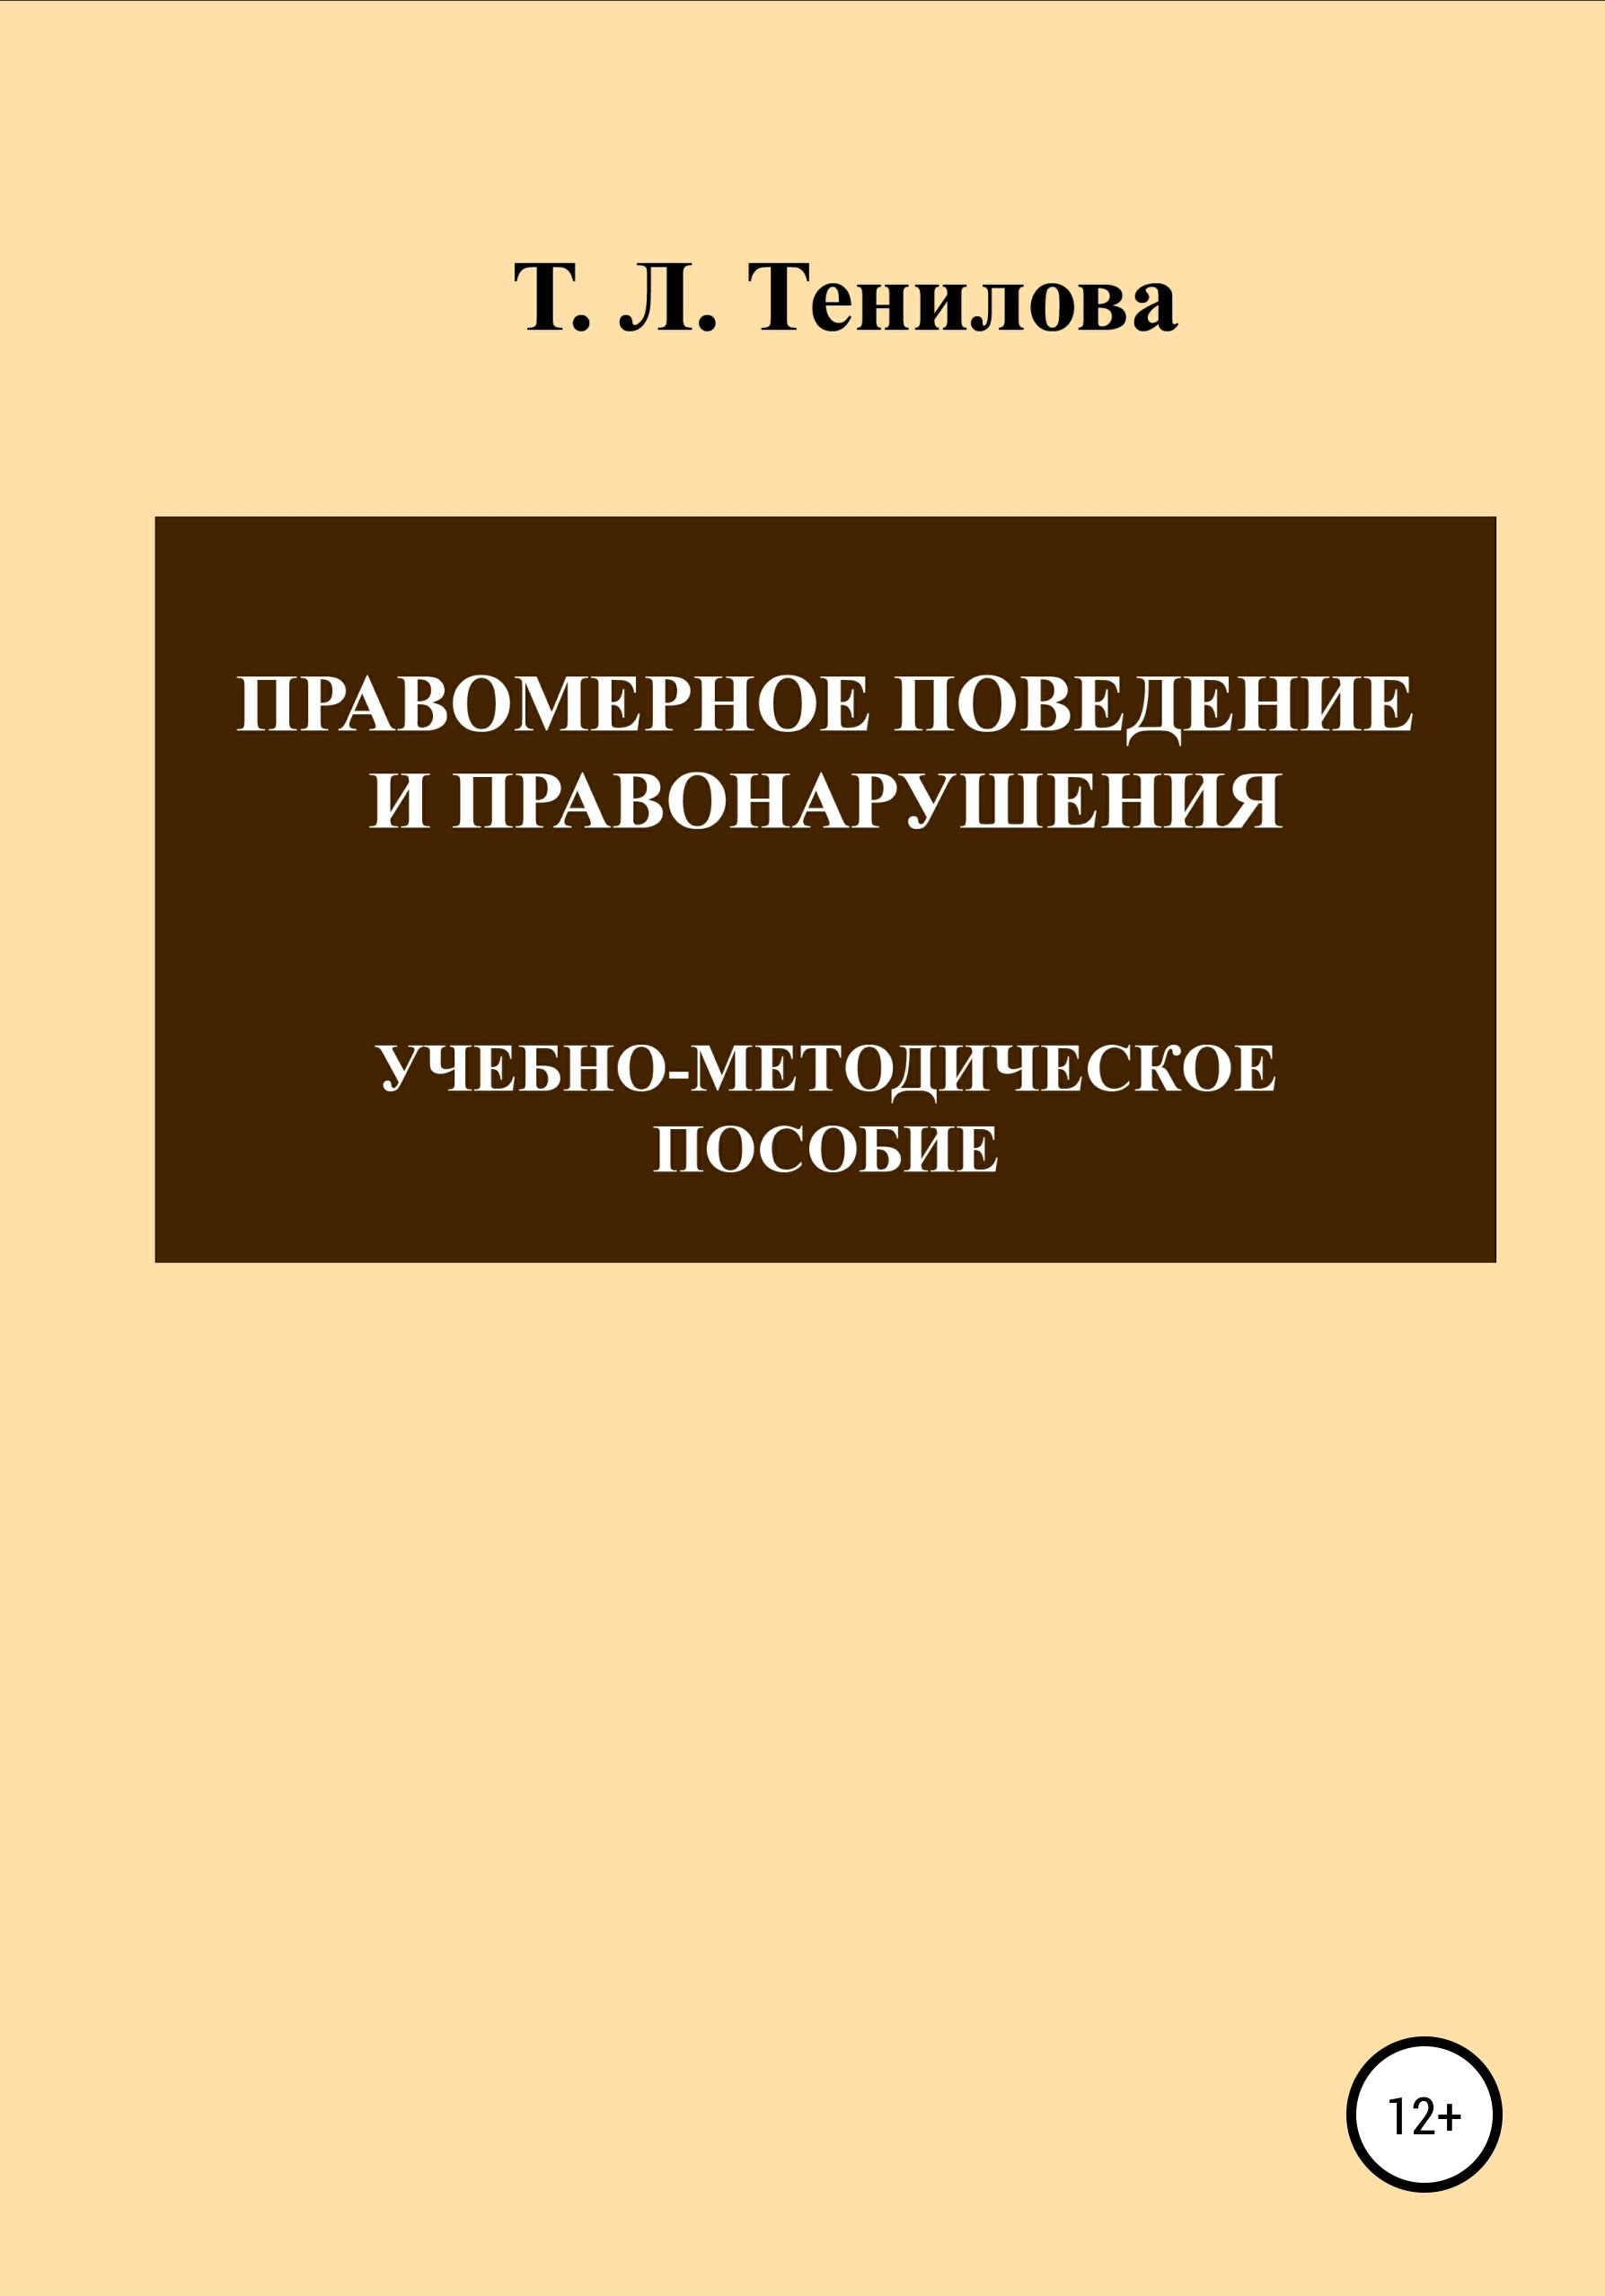 Купить книгу Правомерное поведение и правонарушения, автора Татьяны Львовны Тениловой